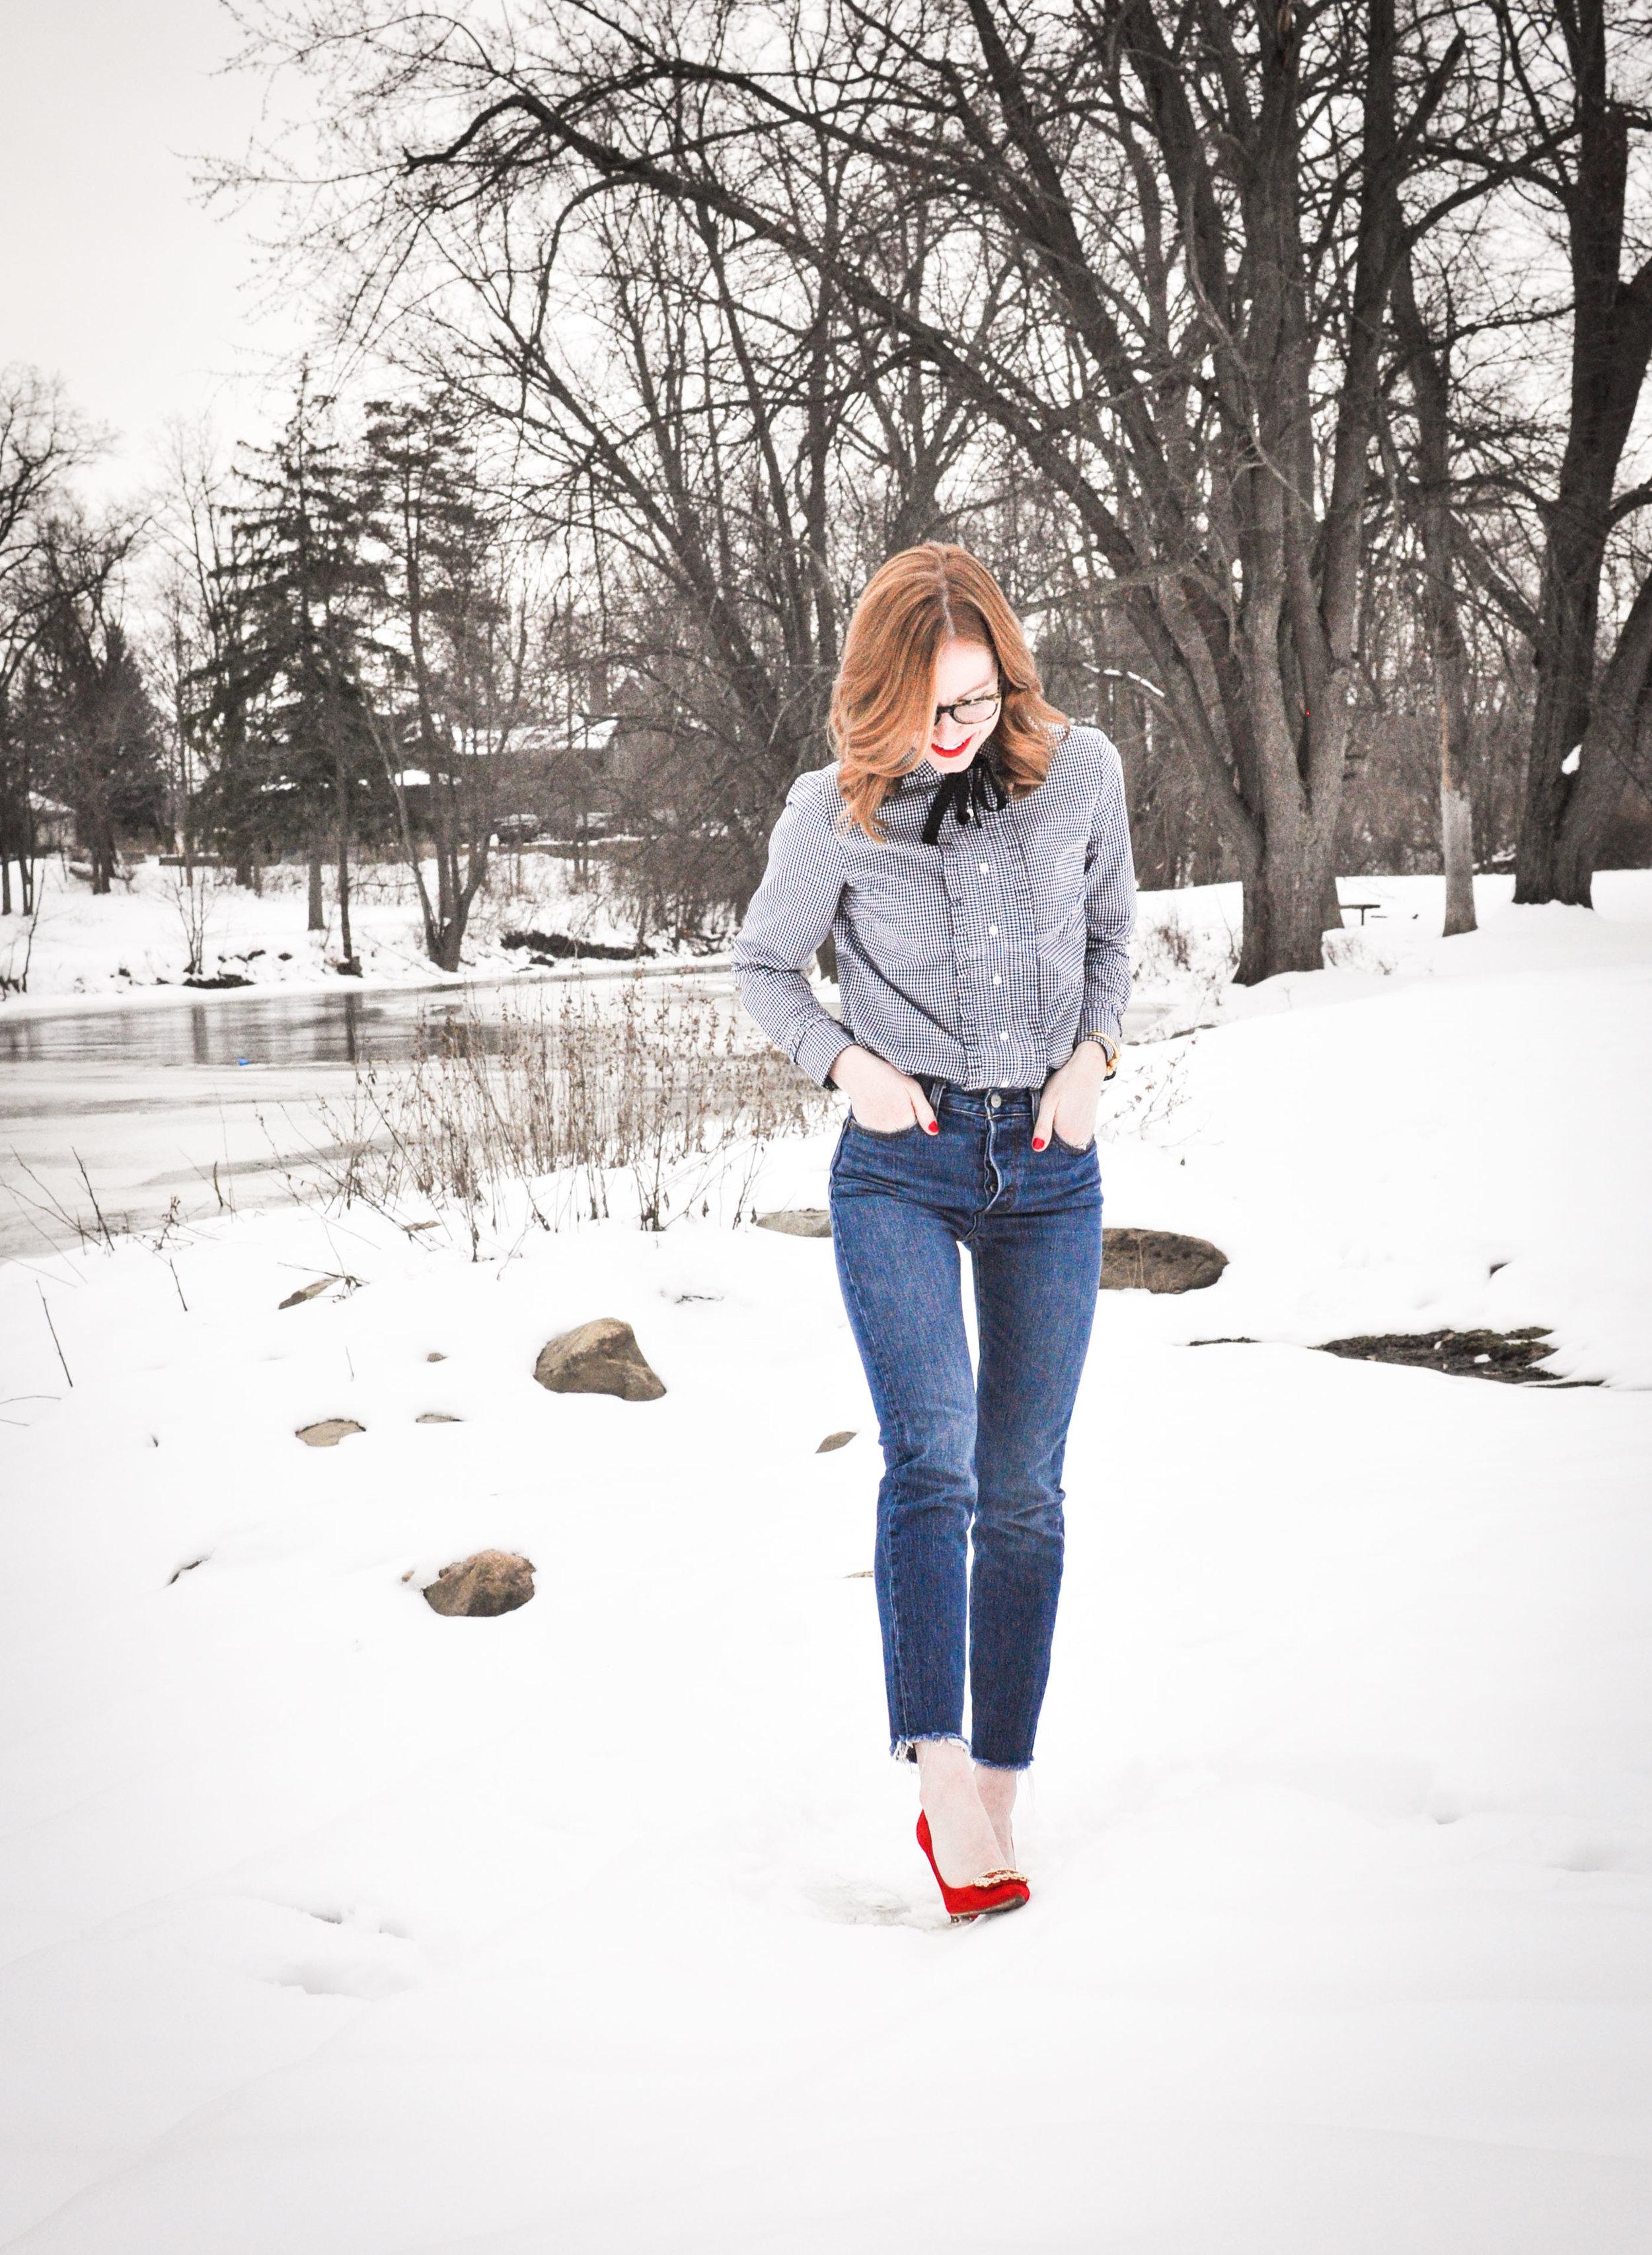 Woman in jeans walking in snow